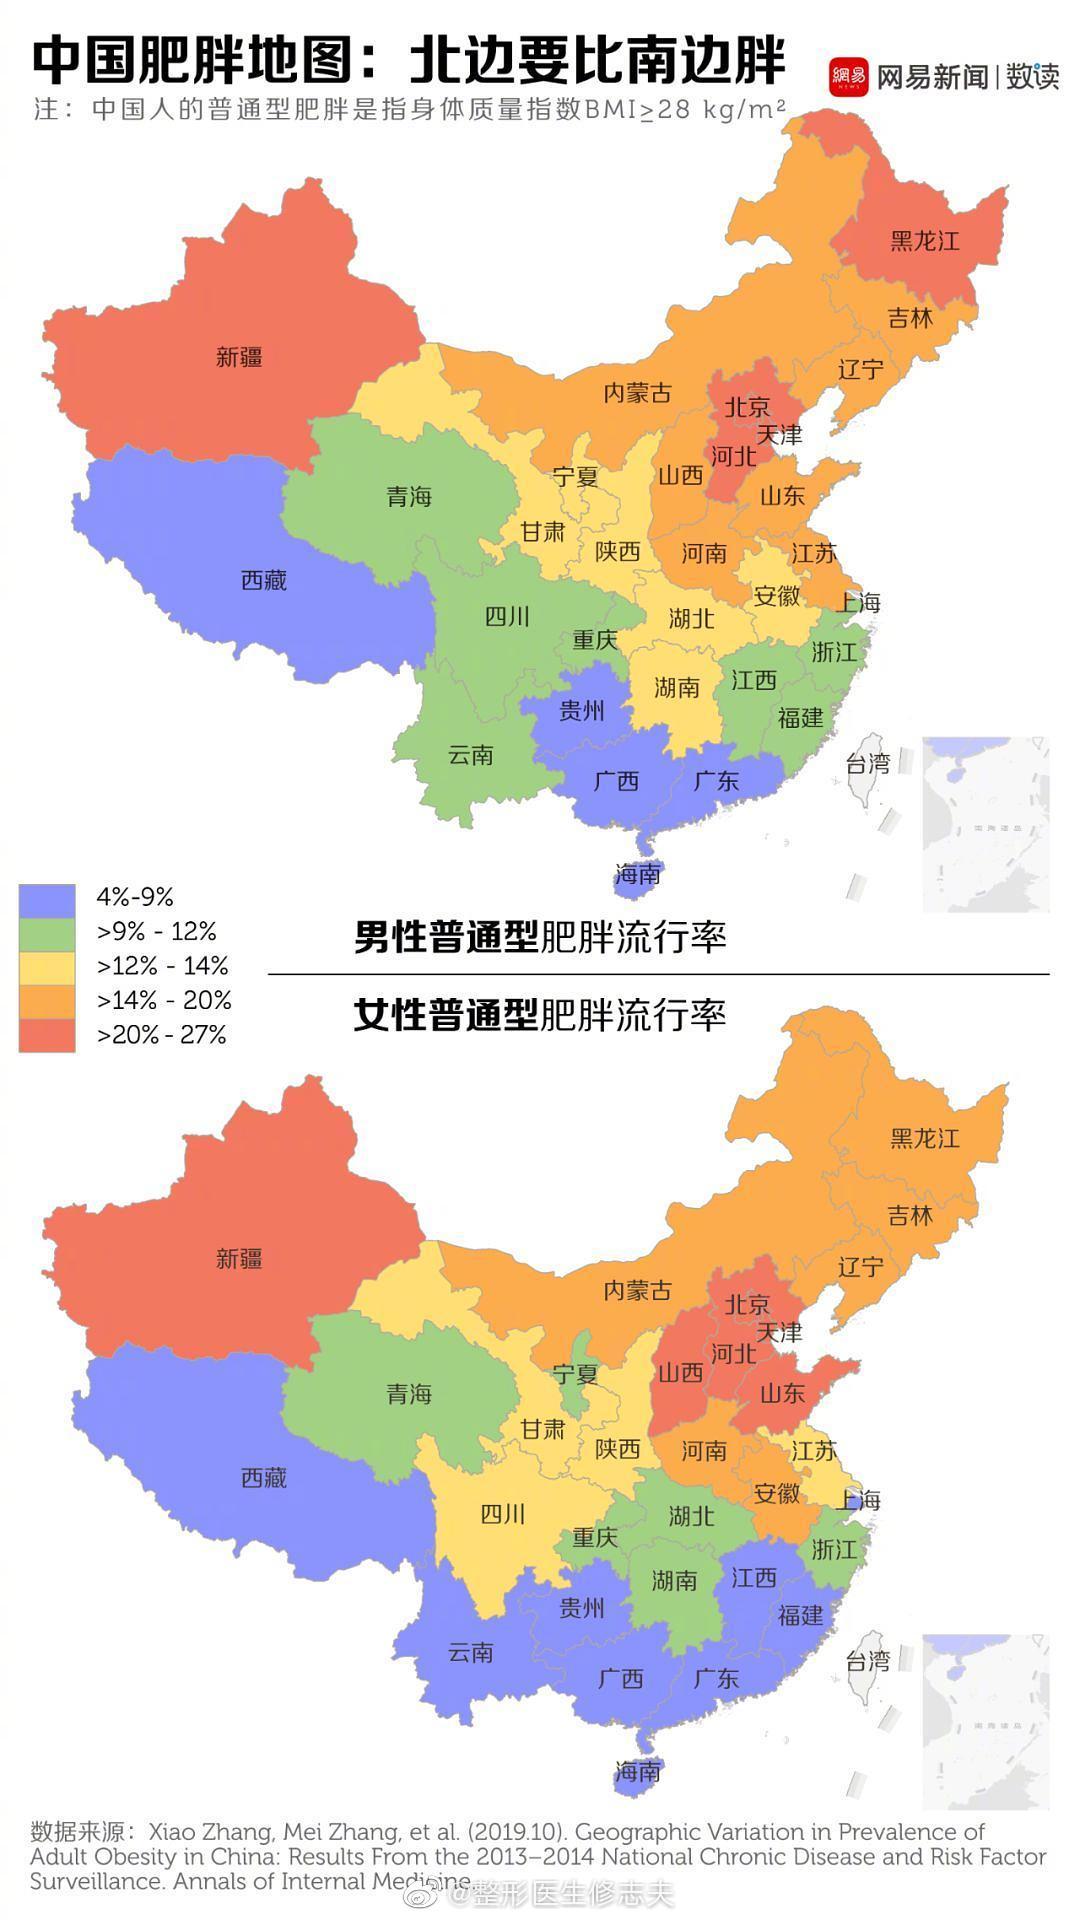 全国肥胖地图出炉:北方人普遍比南方人胖